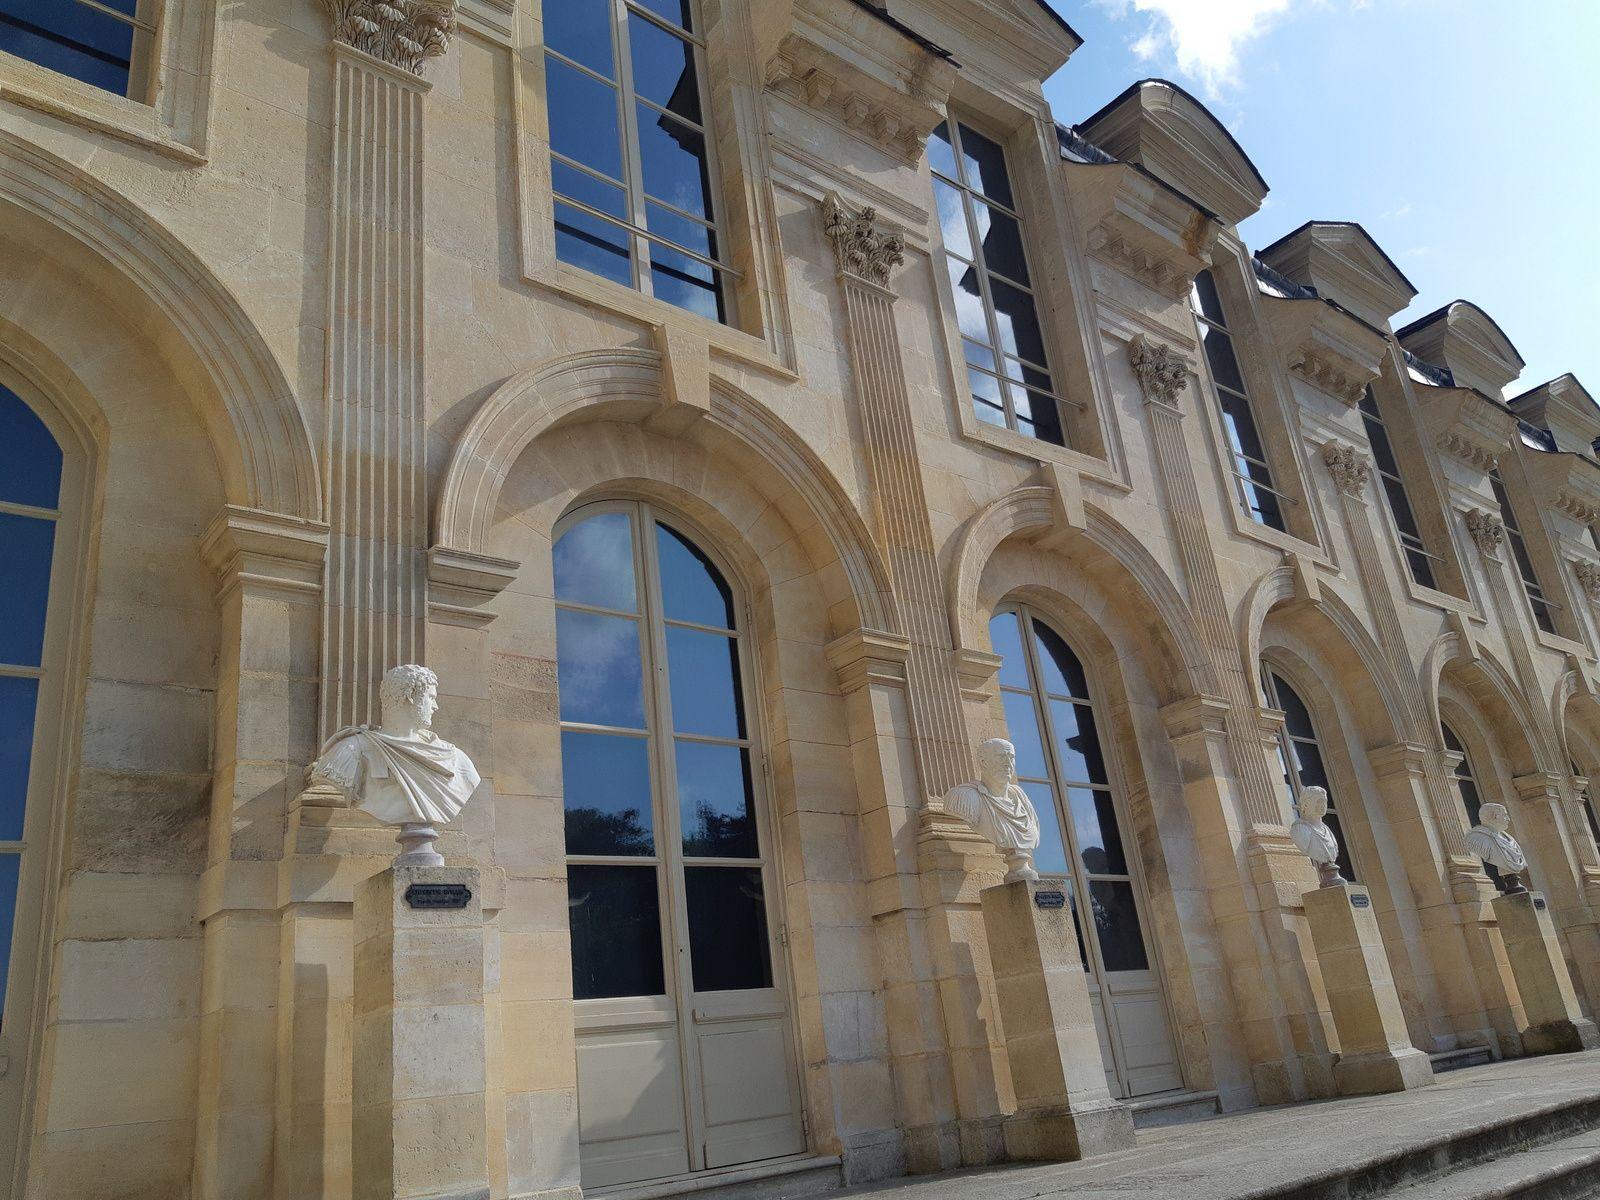 Une journée d'été à Chantilly